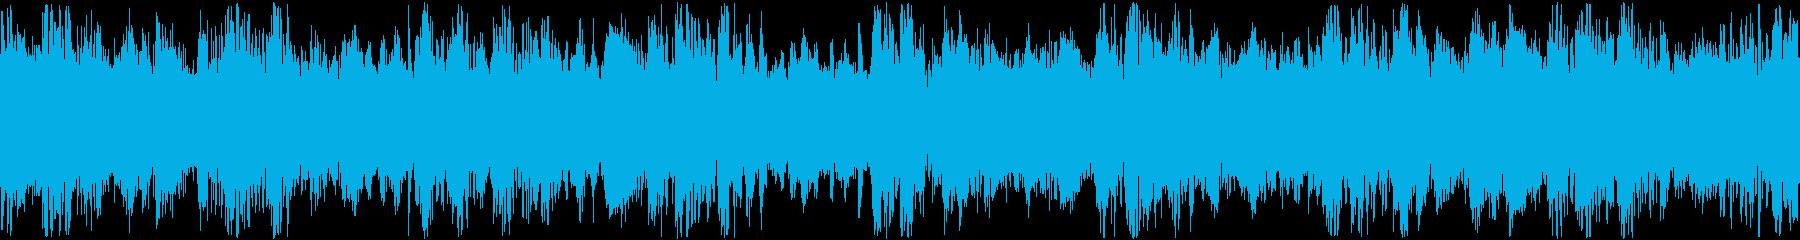 シシネマチックでケルトっぽい曲の短ループの再生済みの波形